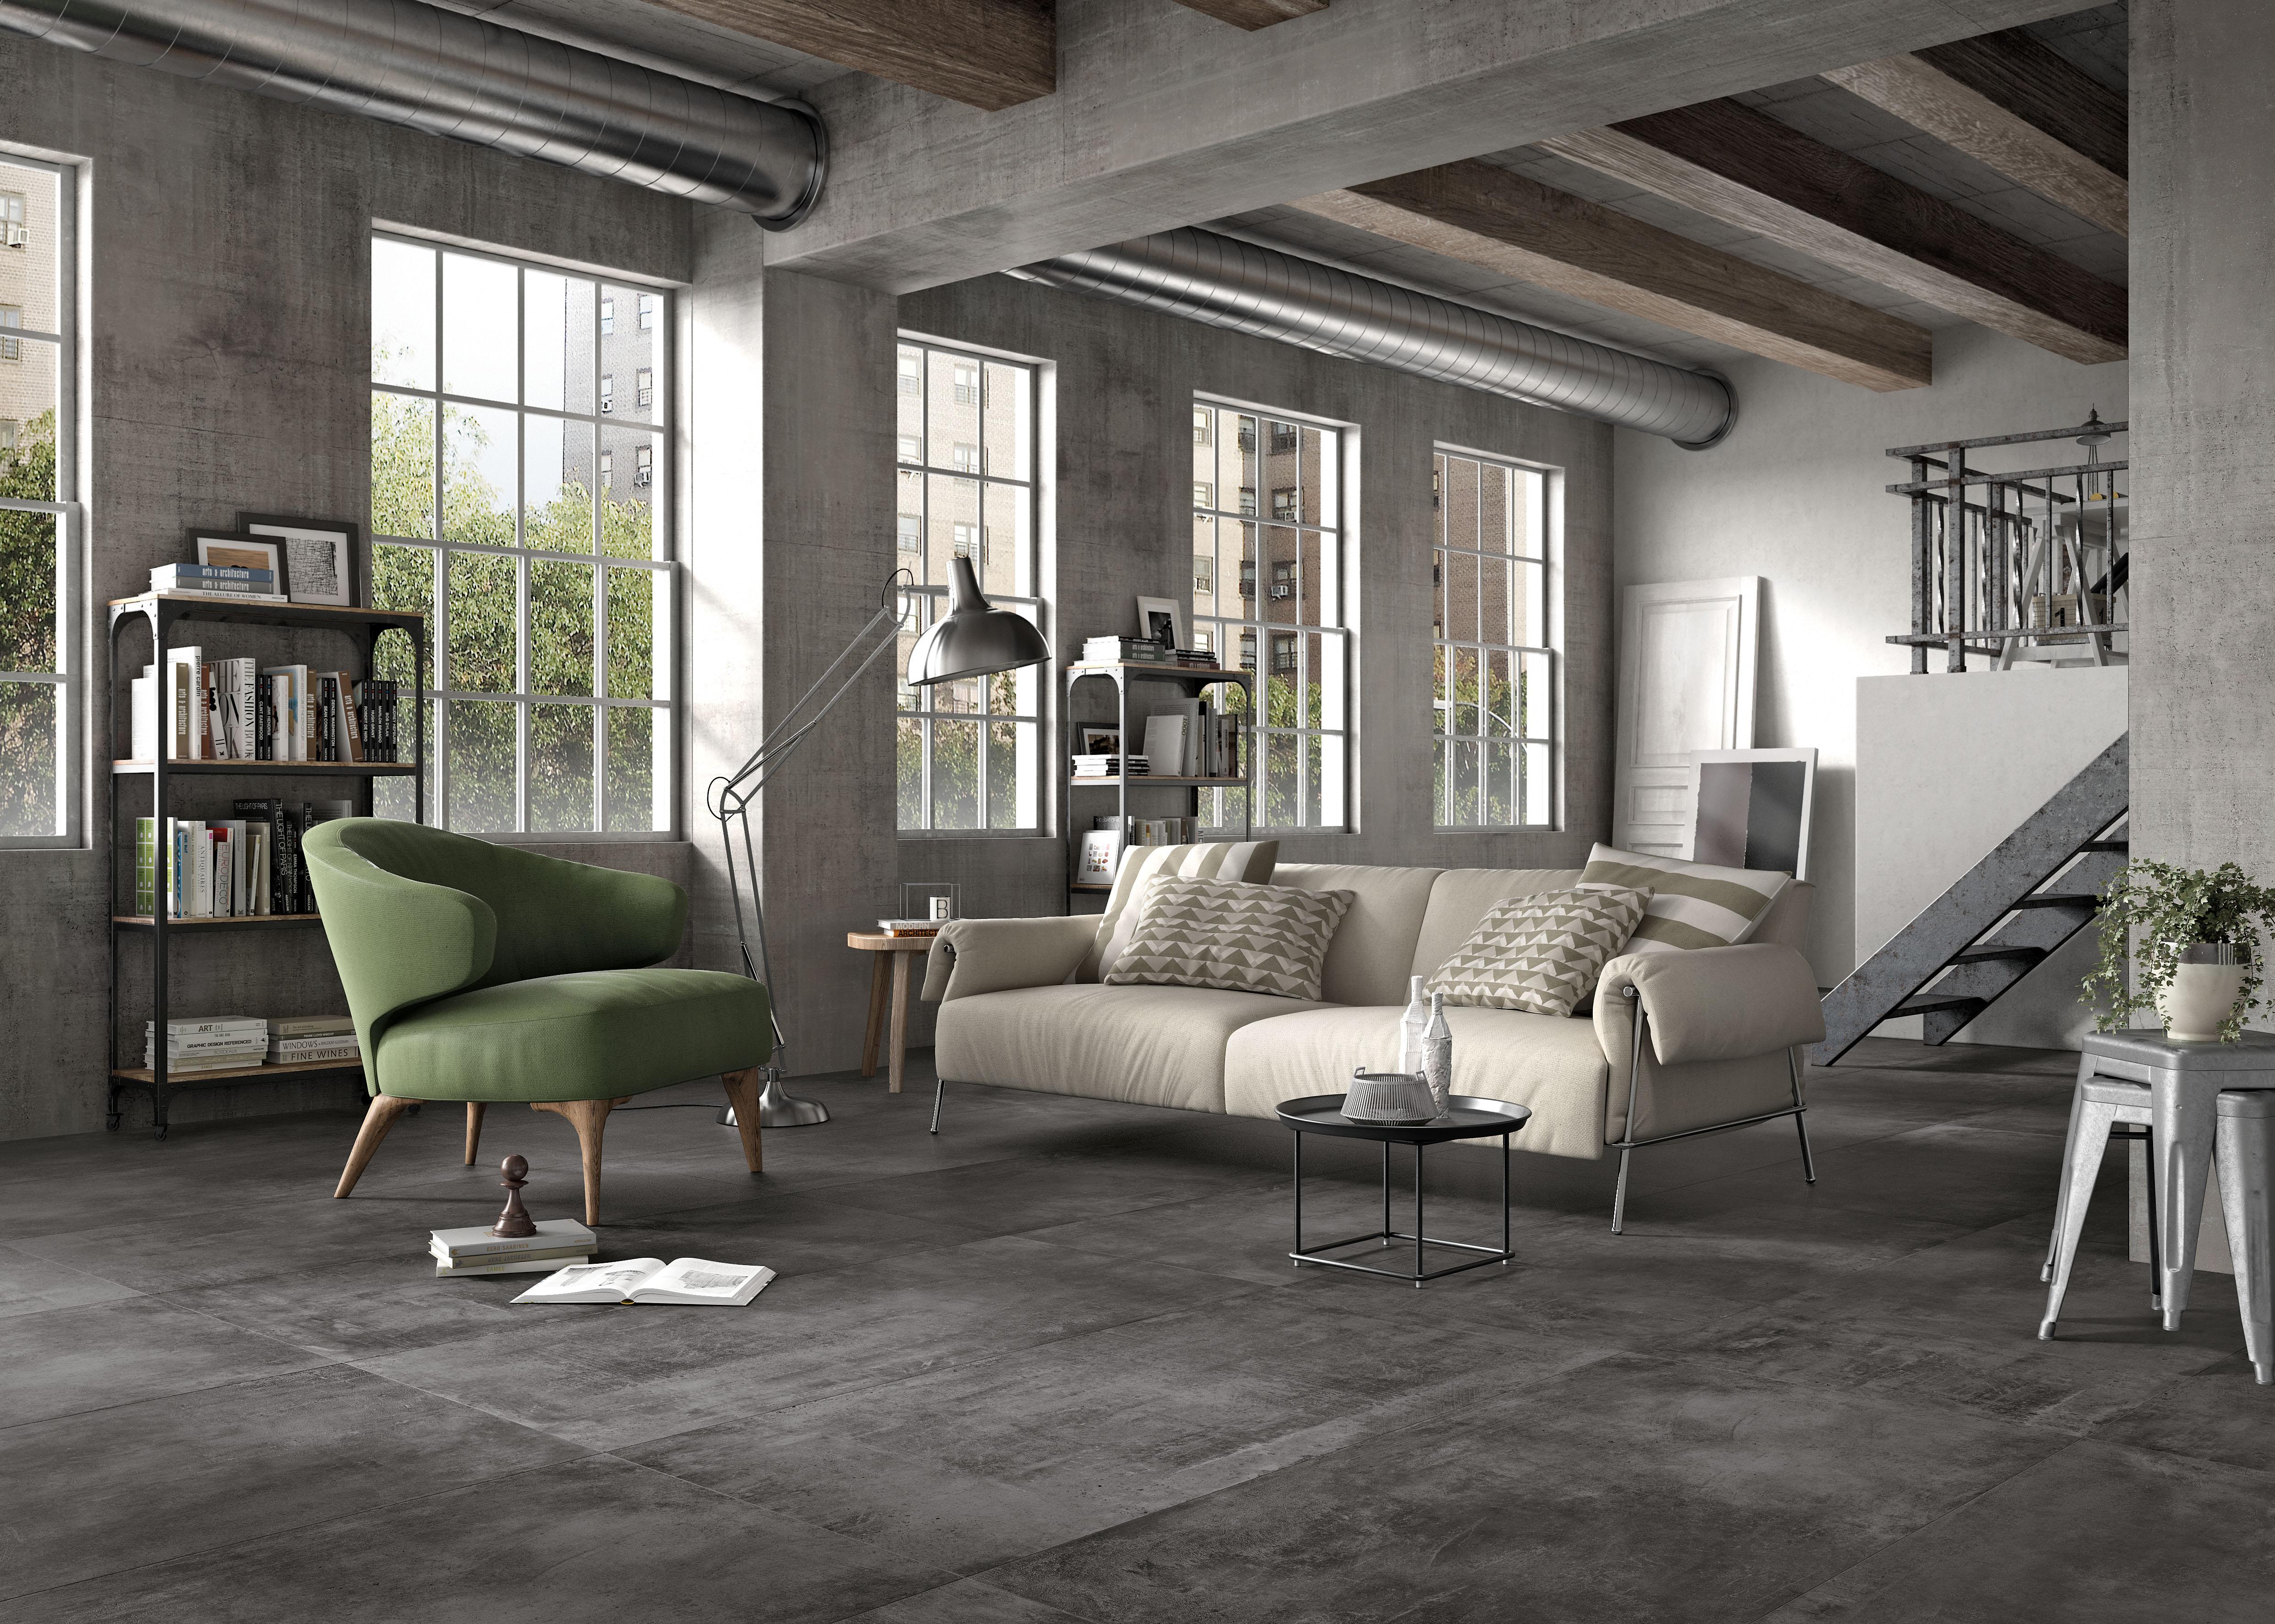 Anthrazit Betonfliesen im Wohnzimmer, anthracite concrete effect tiles in living room